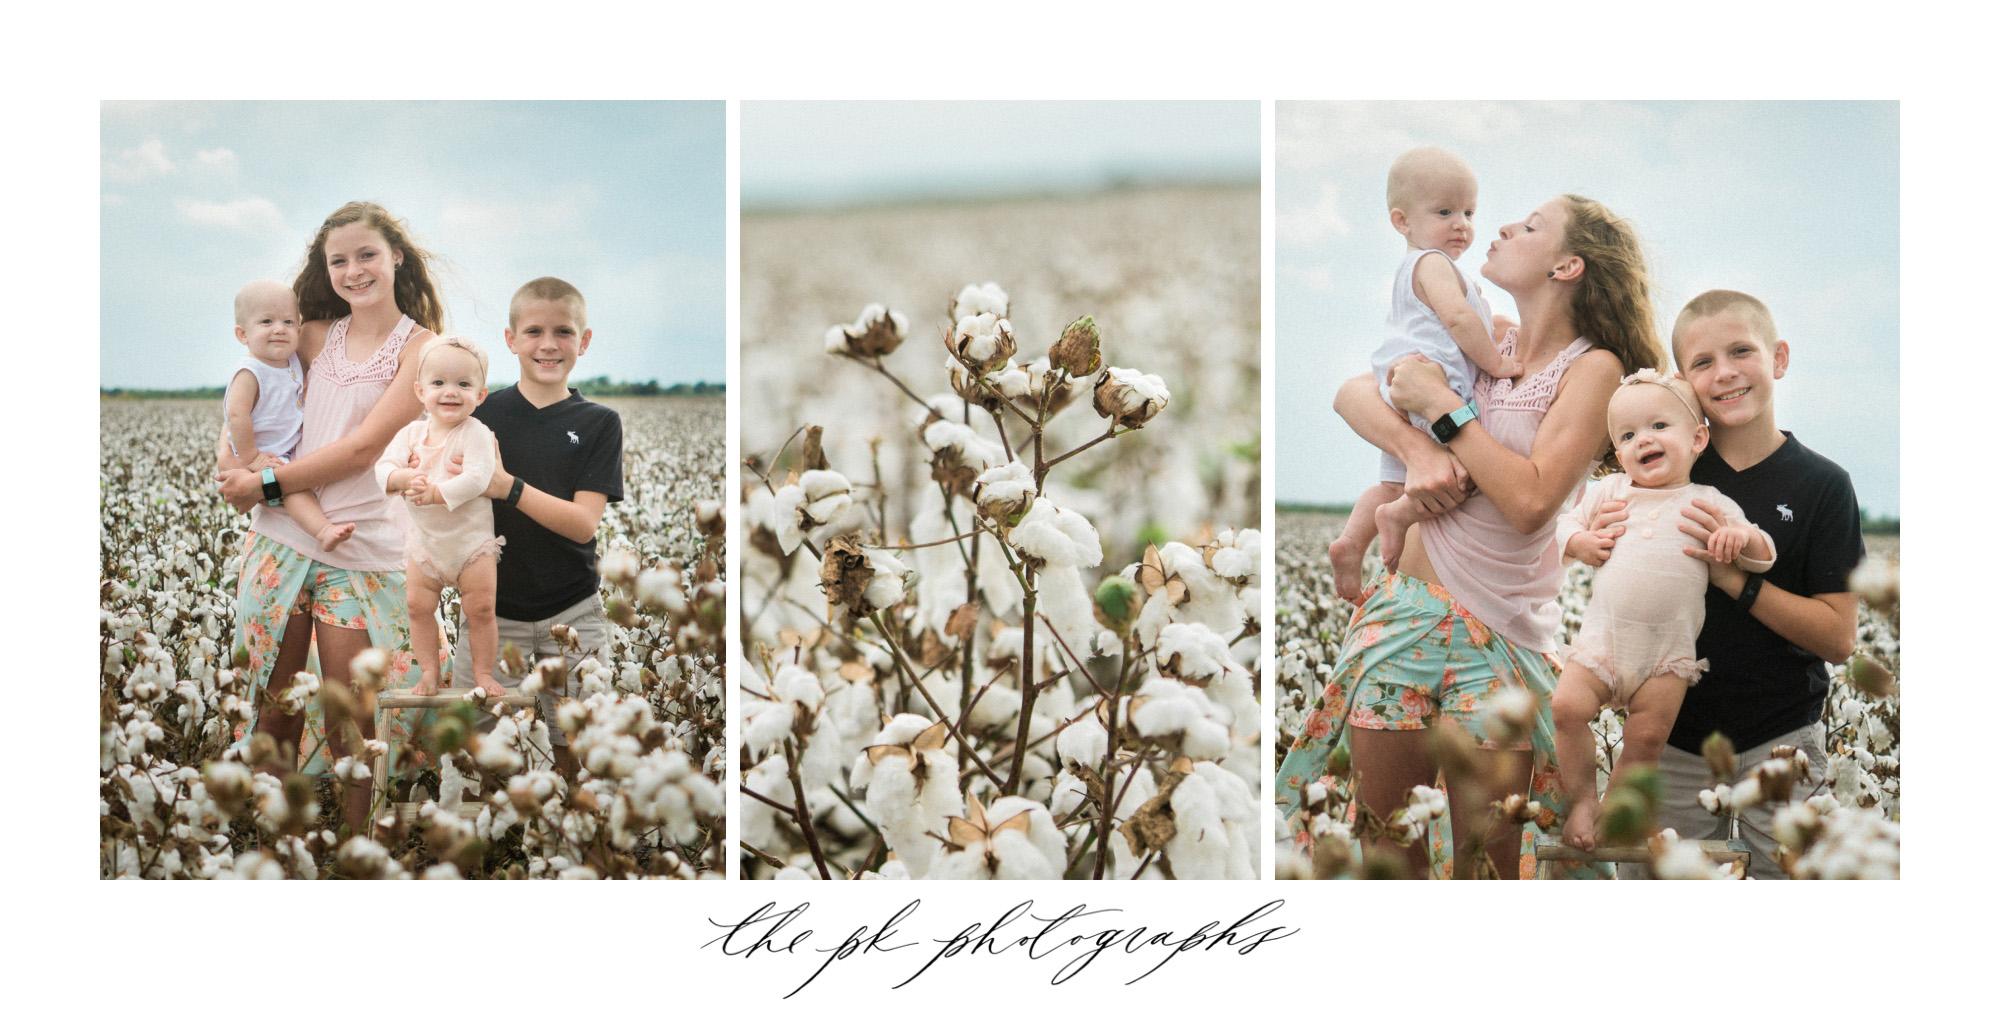 cotton-field-family-portraits-san-antonio-1.jpg